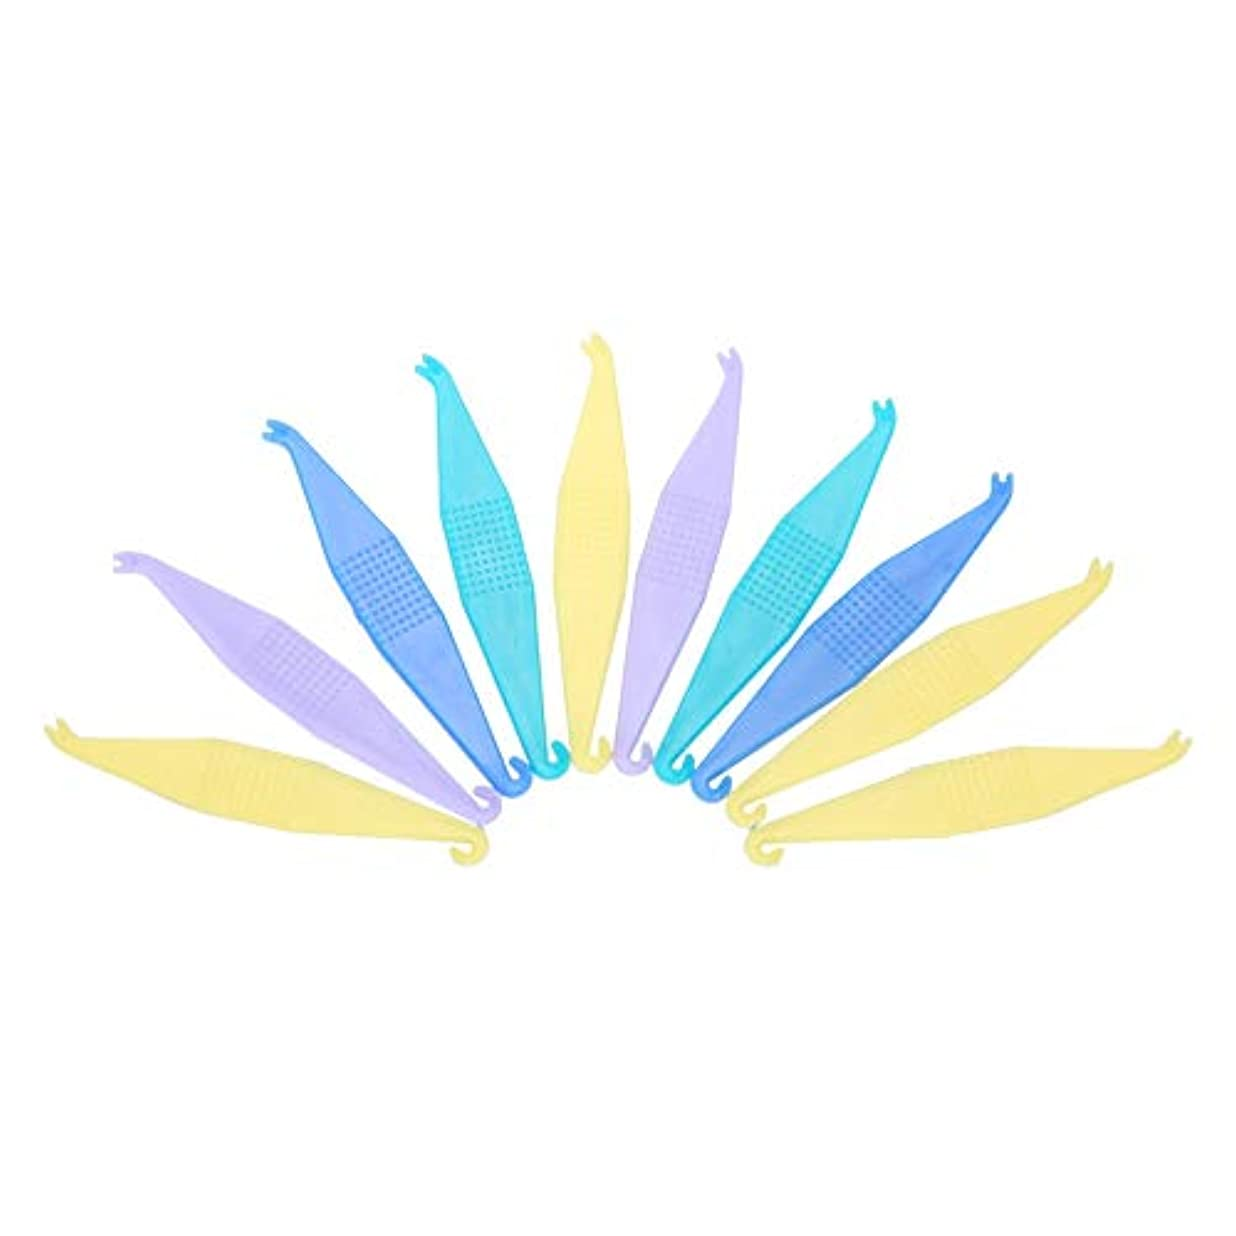 国勢調査ばかお別れTOPINCN 【10個セット】使い捨て矯正用弾性プラスサーズ 歯科用 使い捨て プラスチック製 歯列矯正歯科用プラスター 安全 衛生